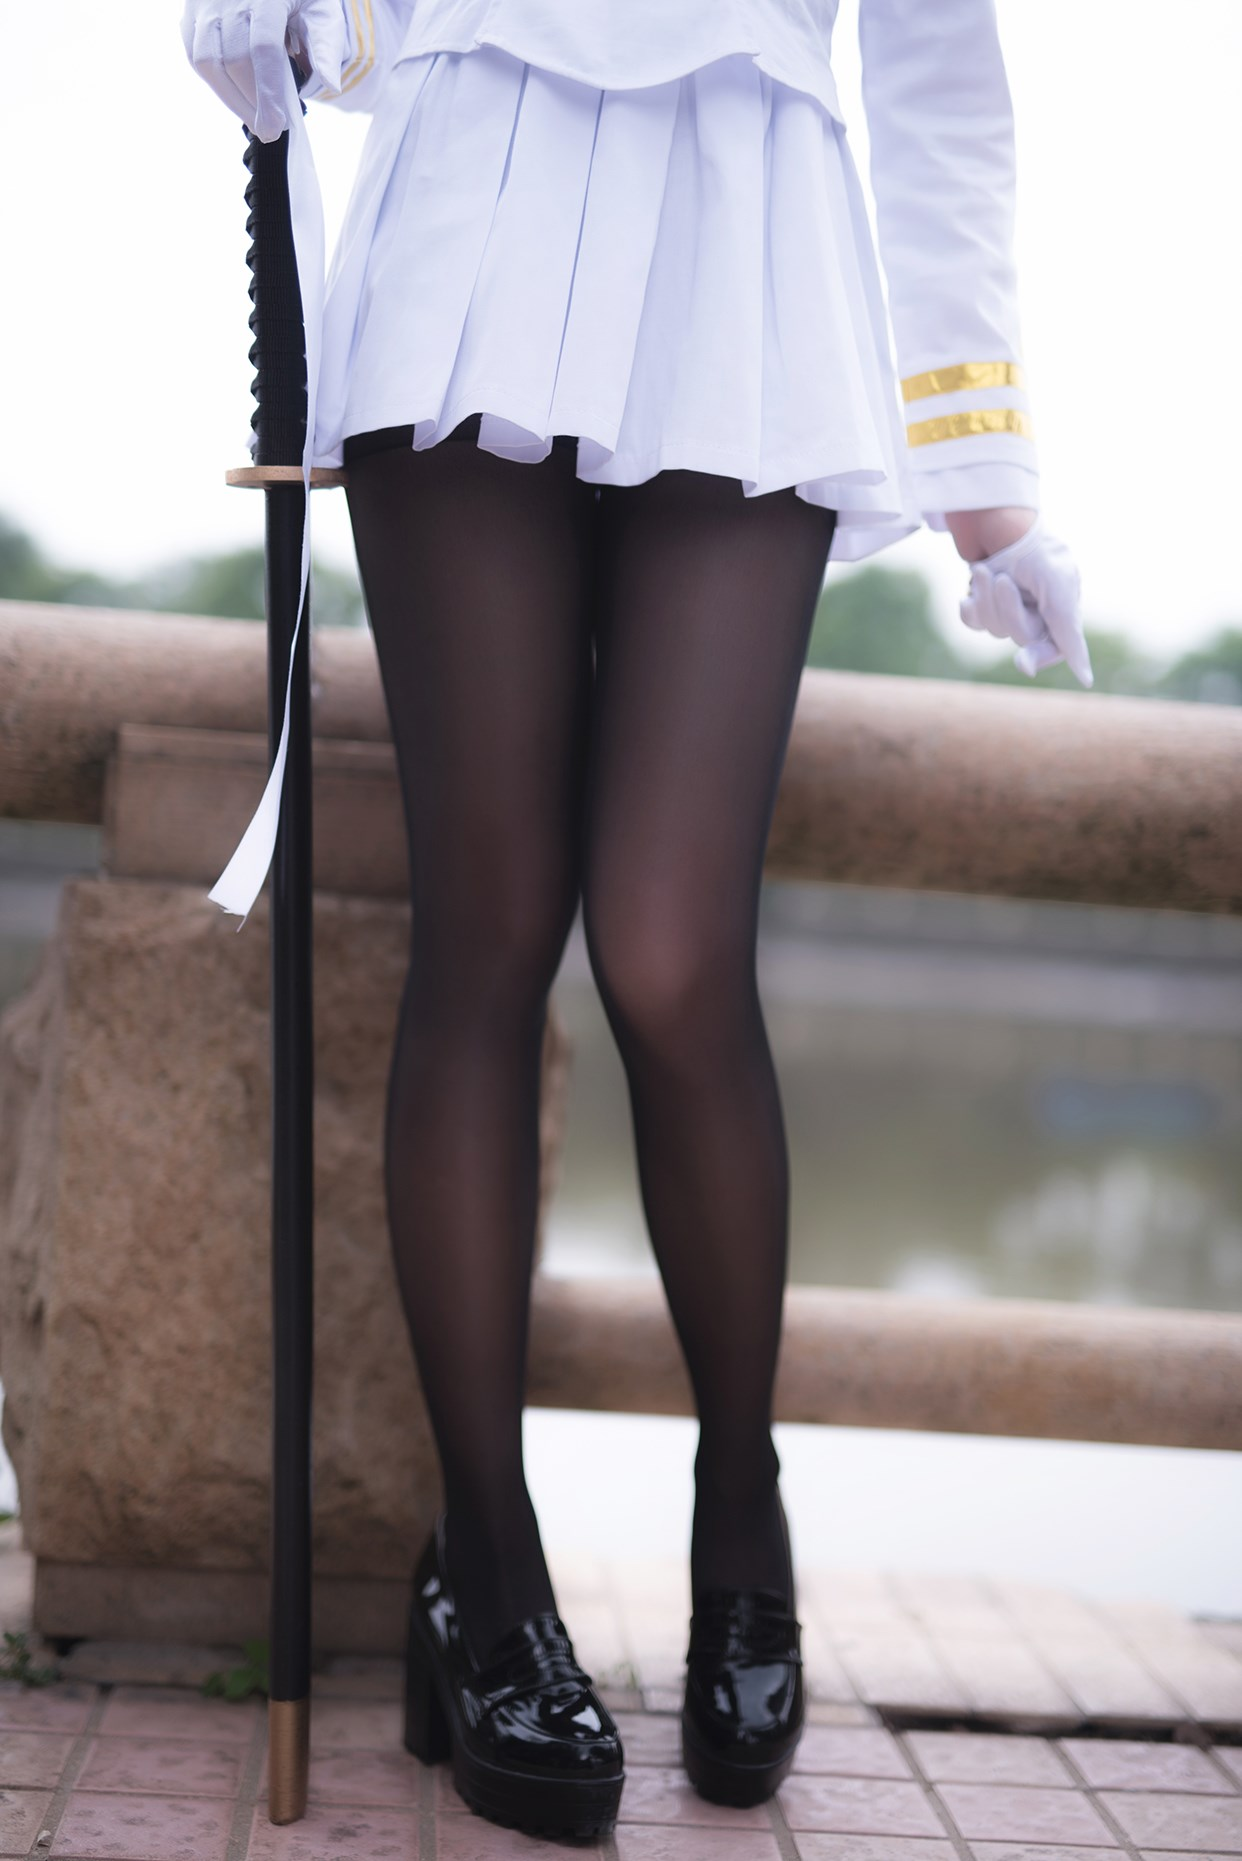 【兔玩映画】各种腿照福利 兔玩映画 第21张